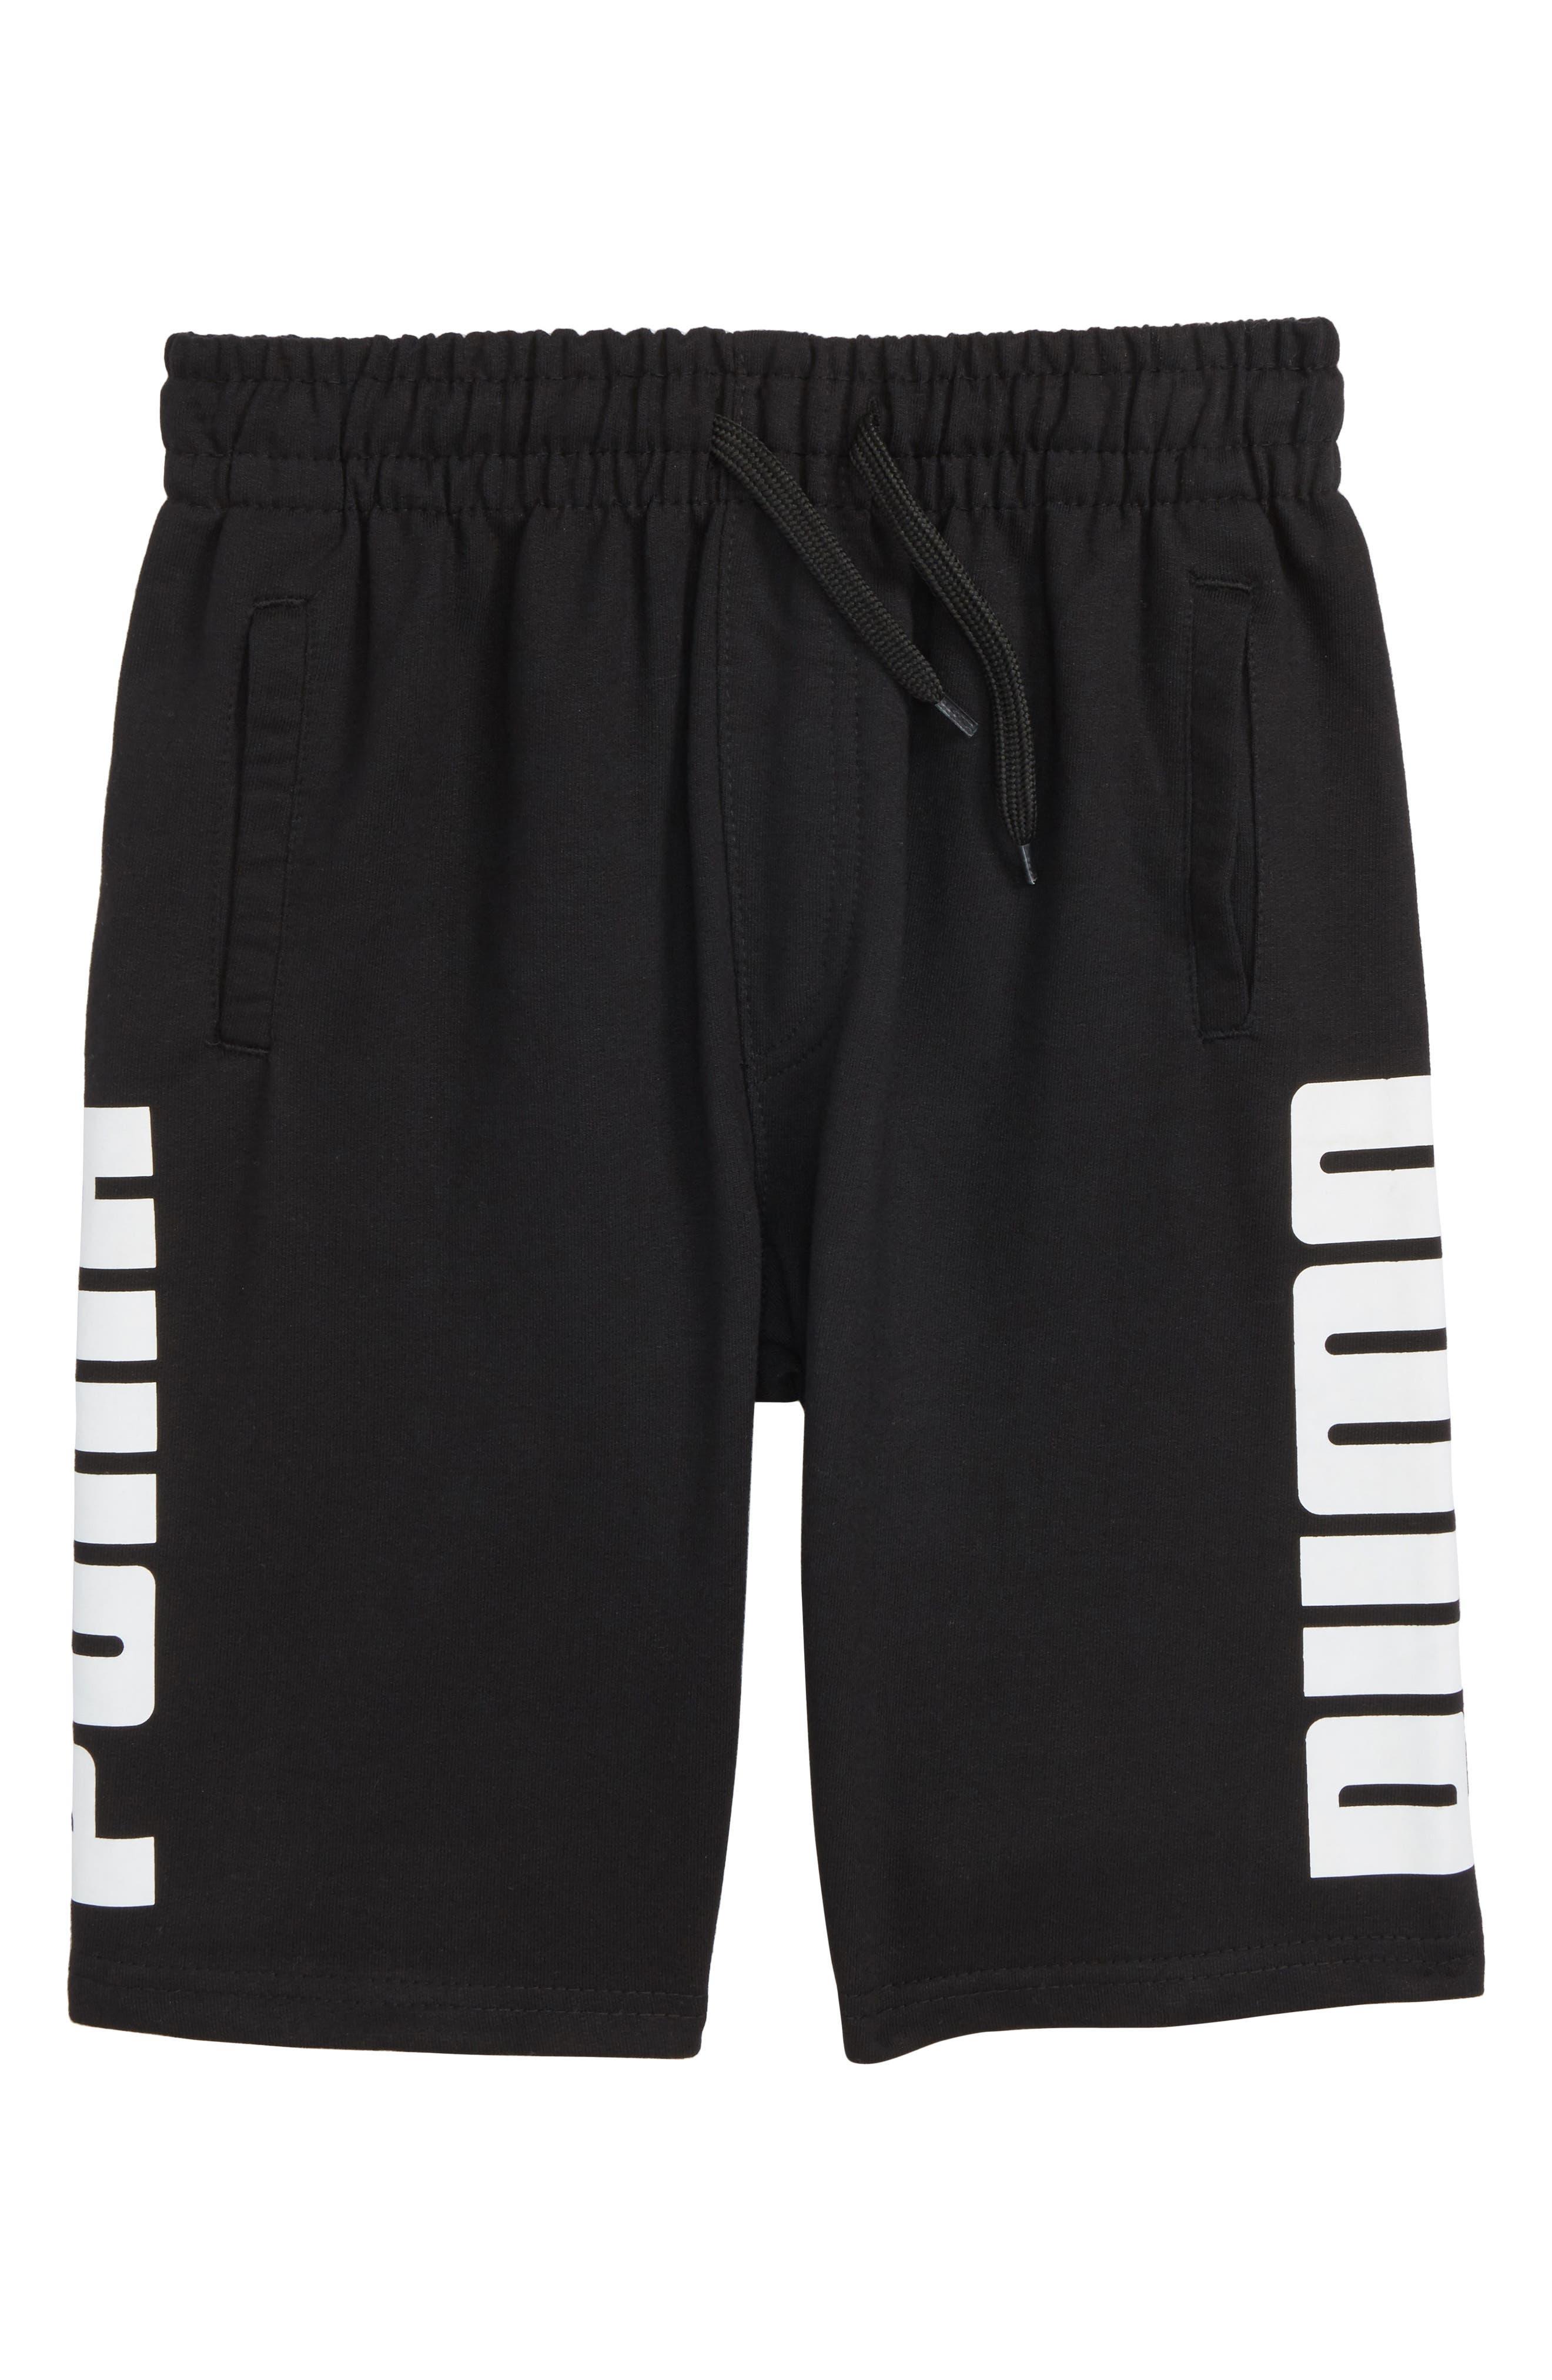 Rebel Knit Shorts,                         Main,                         color,